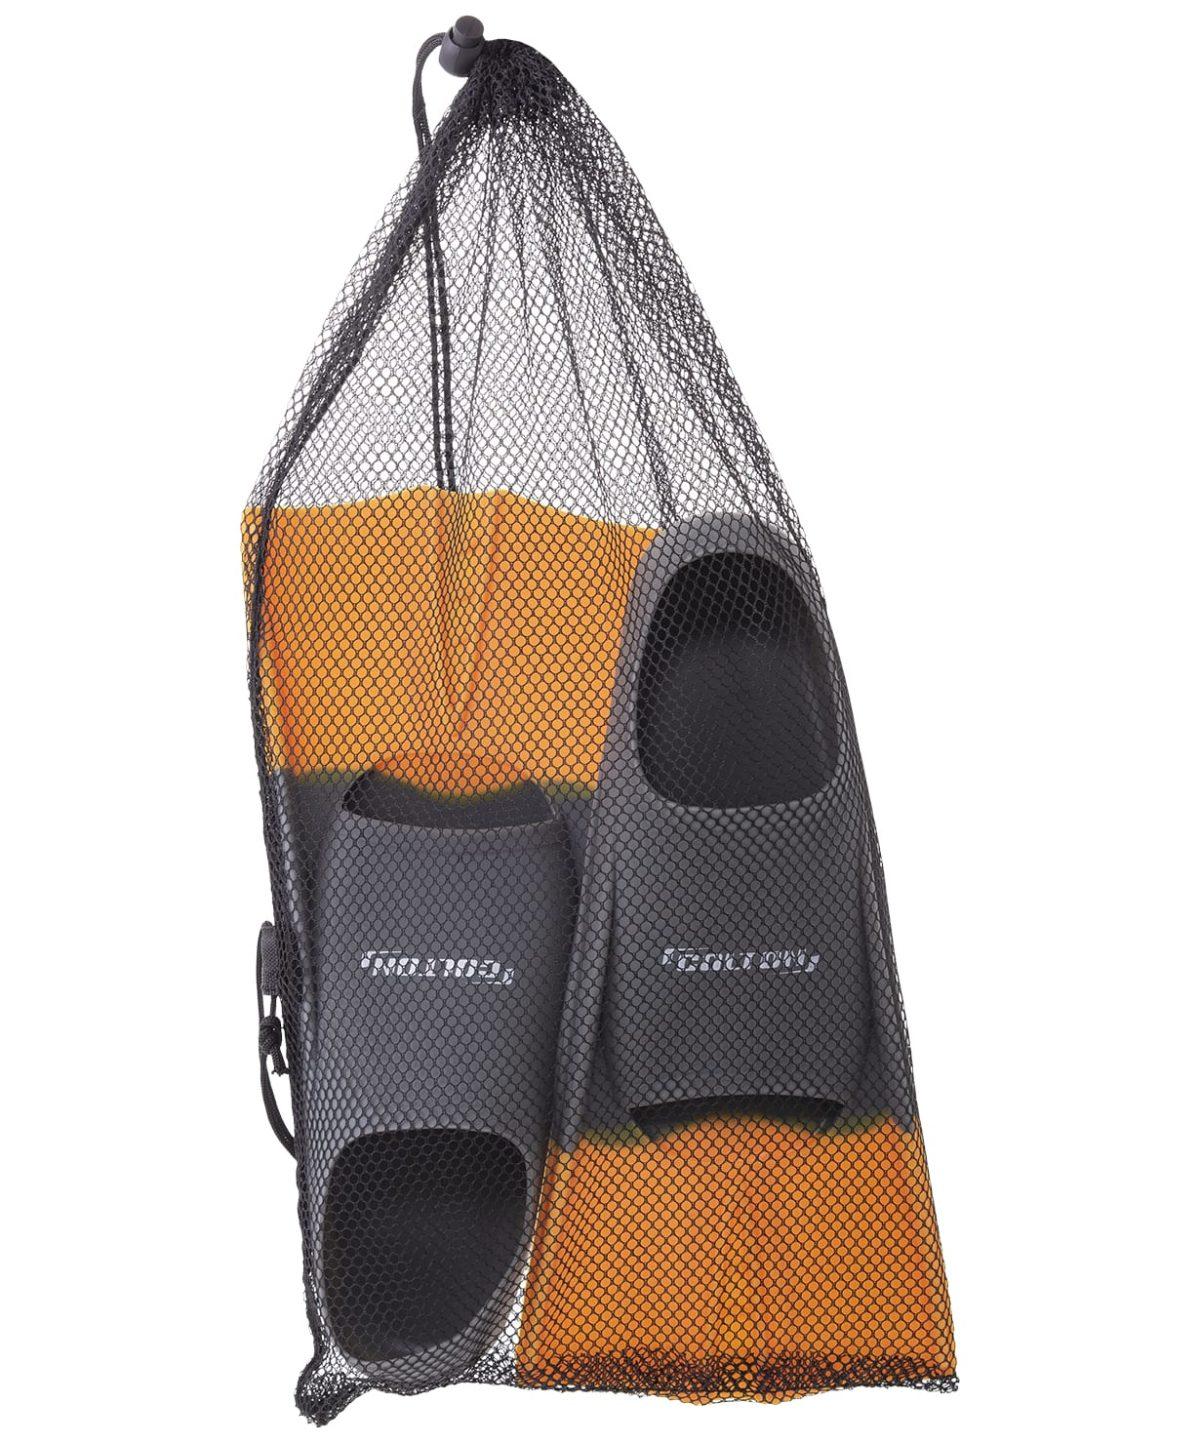 COLTON Ласты тренировочные р.39-41  CF-01: серый/оранжевый - 4